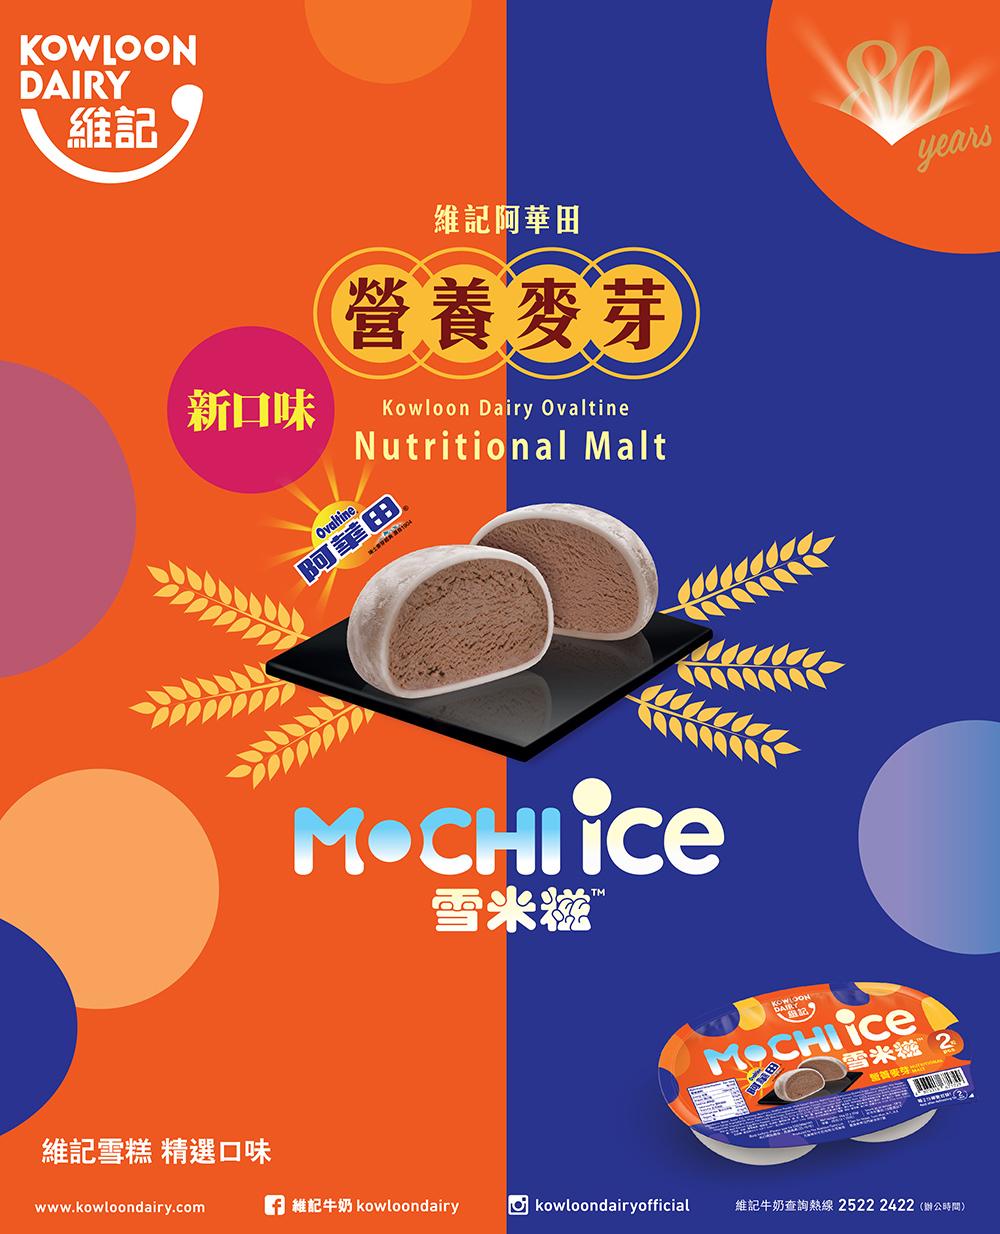 【童年回憶】雪米糍重推阿華田口味 8月中便利店有售